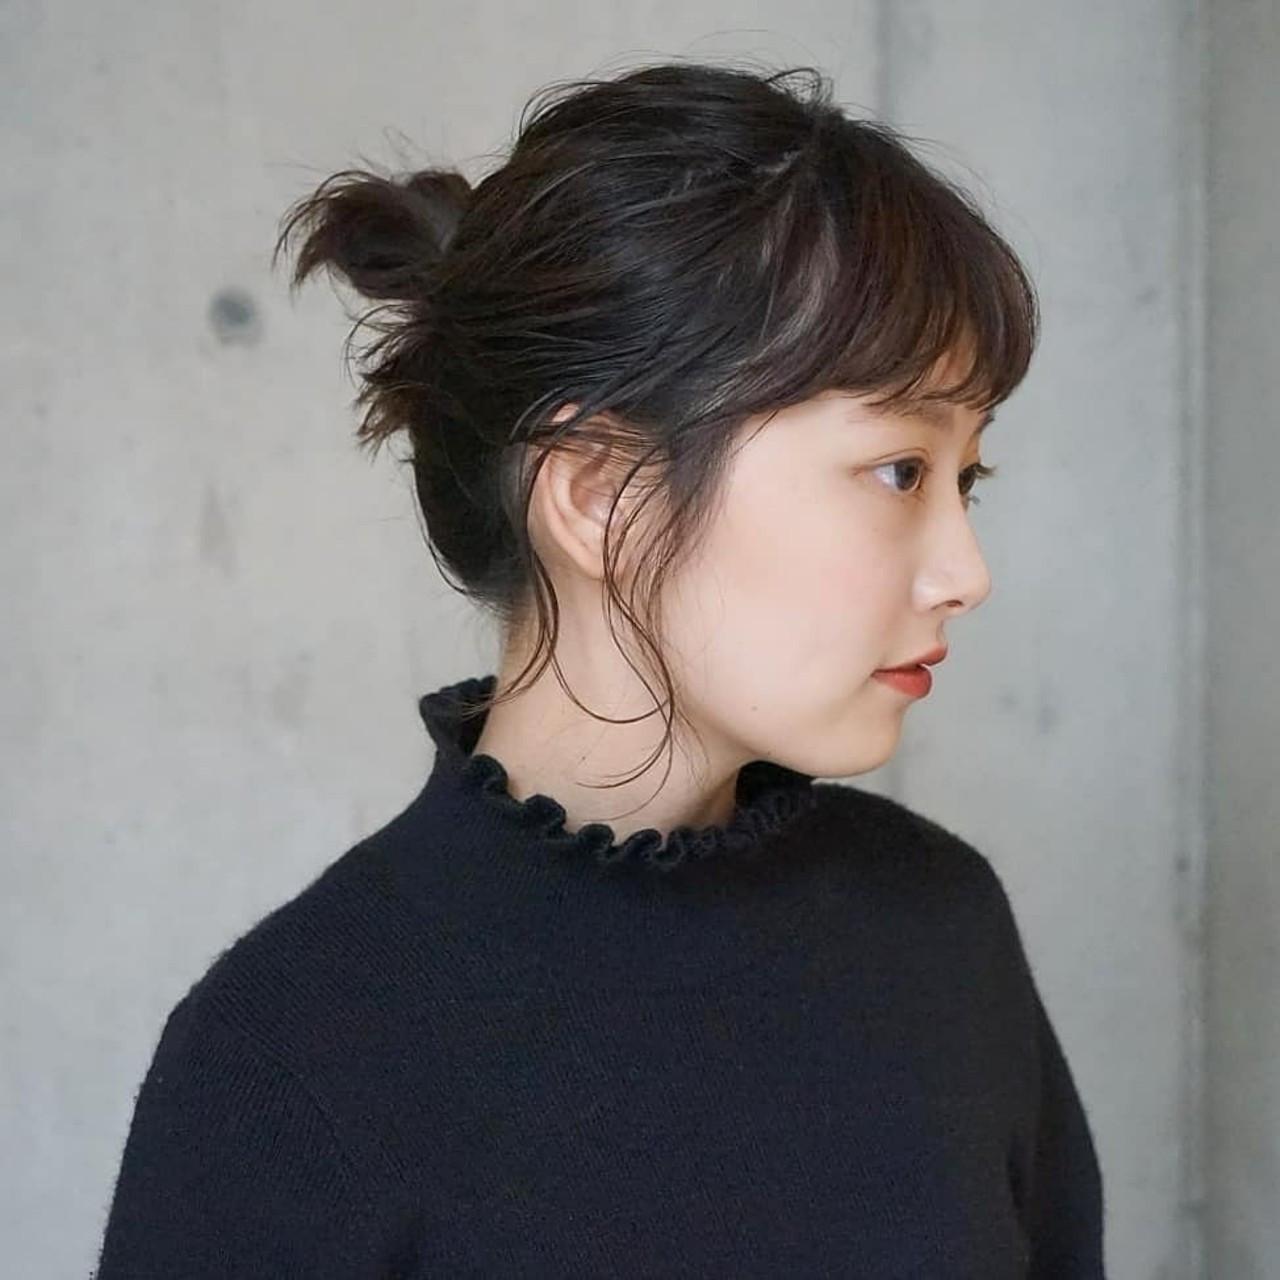 ラフ可愛い♡お団子アレンジ タカハシ アヤミ